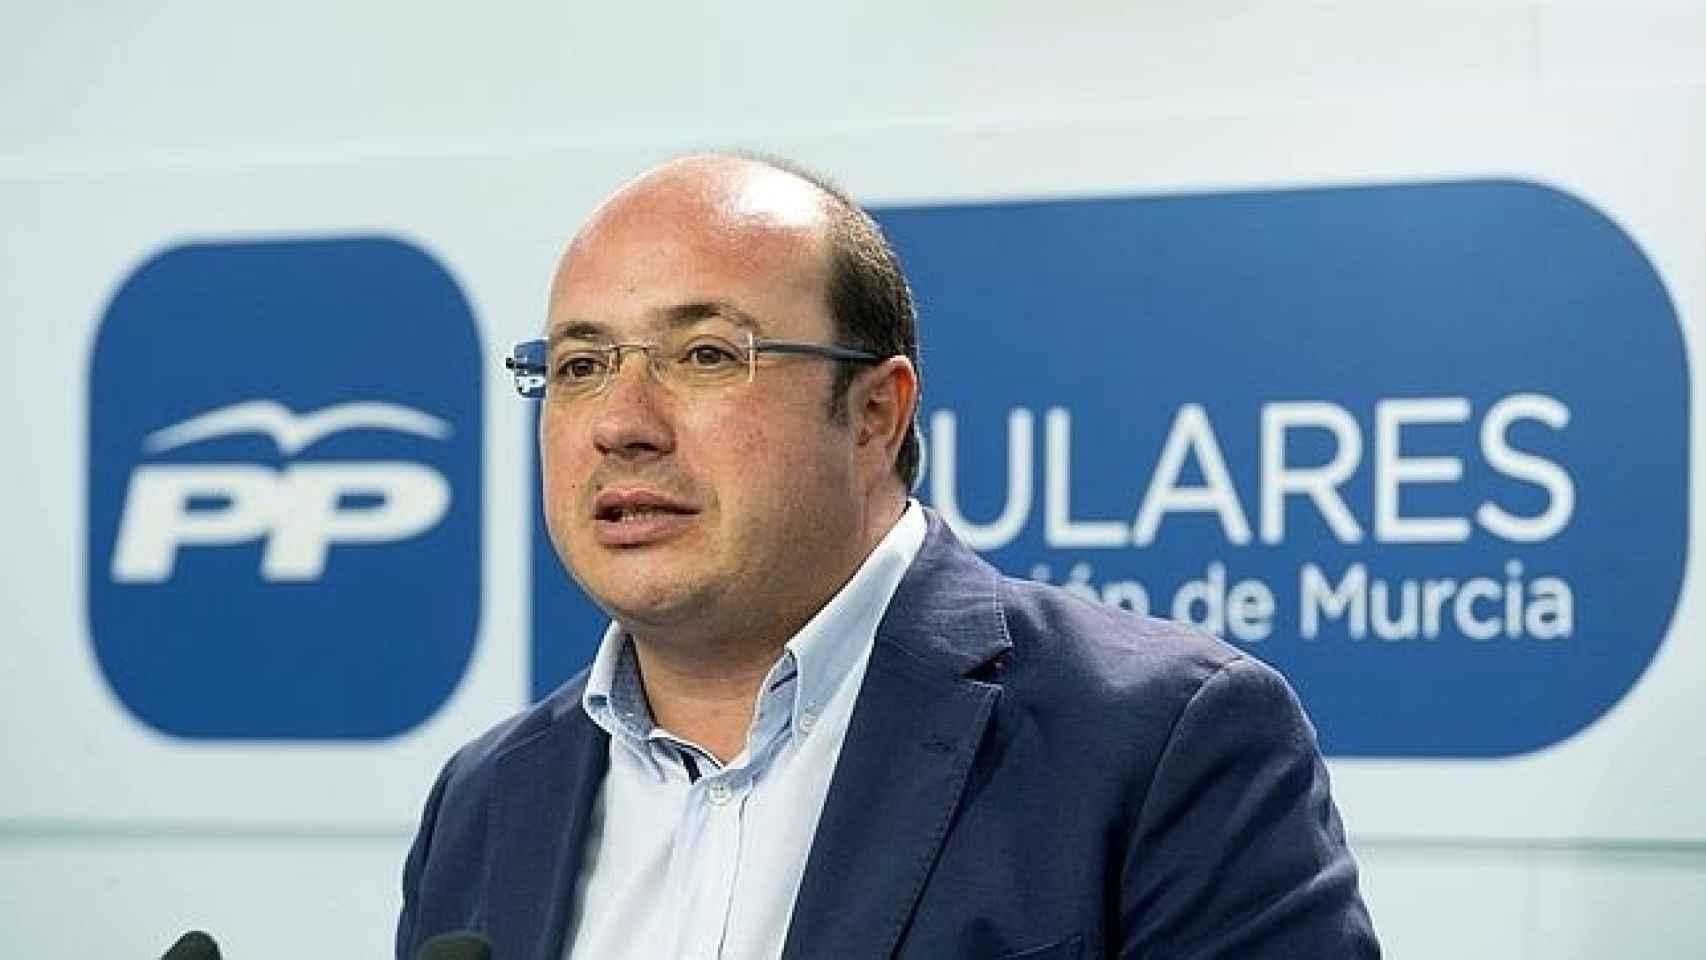 El presidente murciano, Pedro Antonio Sánchez.